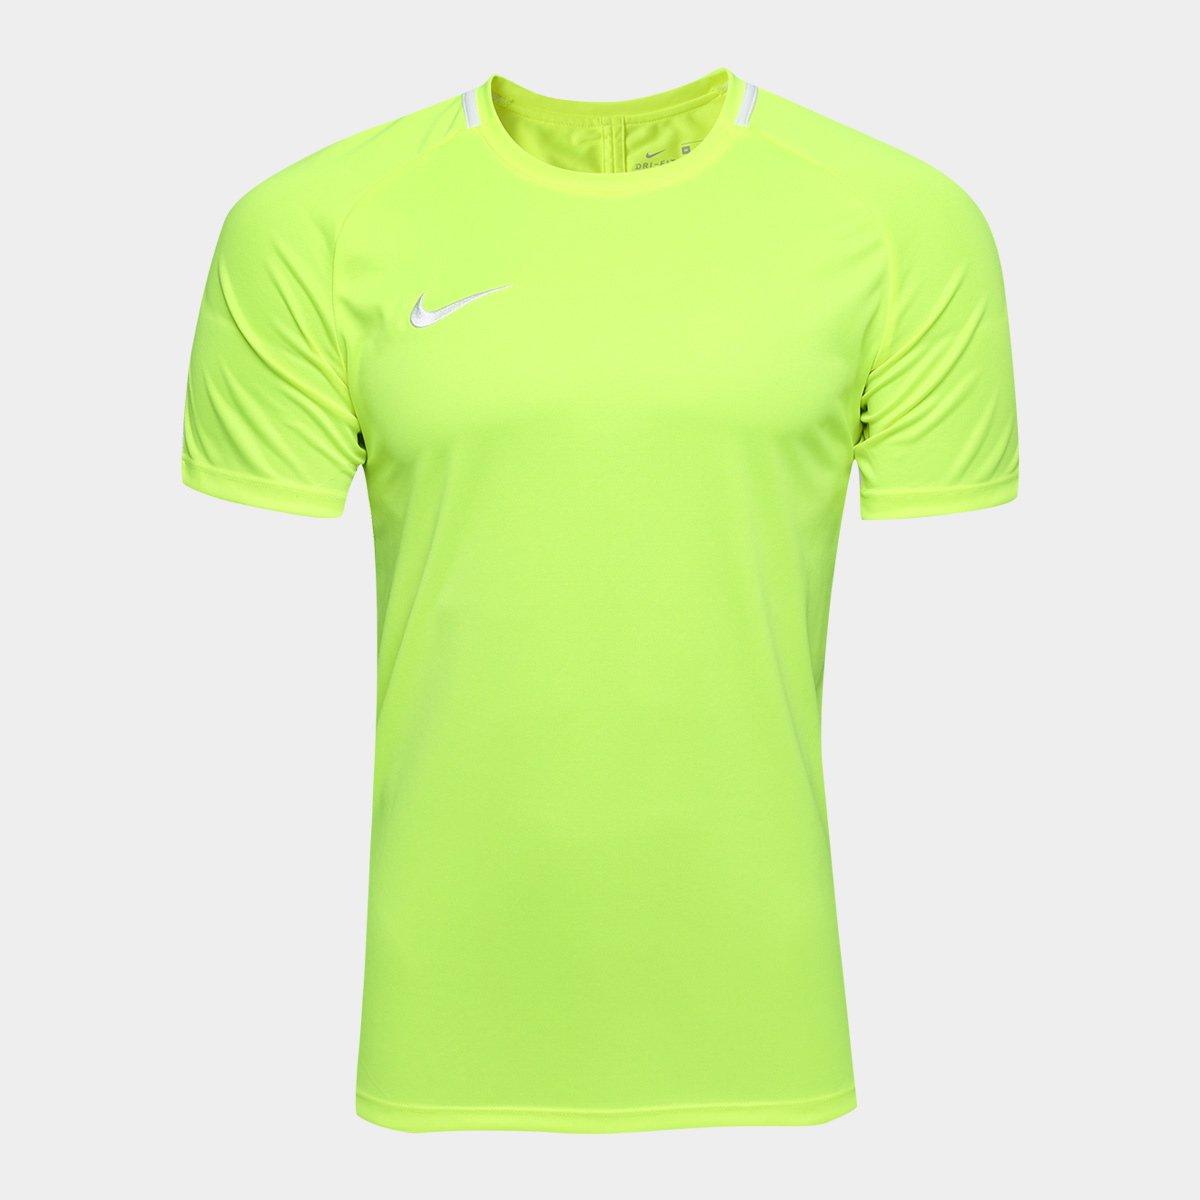 581859f1cdb09 Camisa Nike Academy Masculina - Verde Limão - Compre Agora